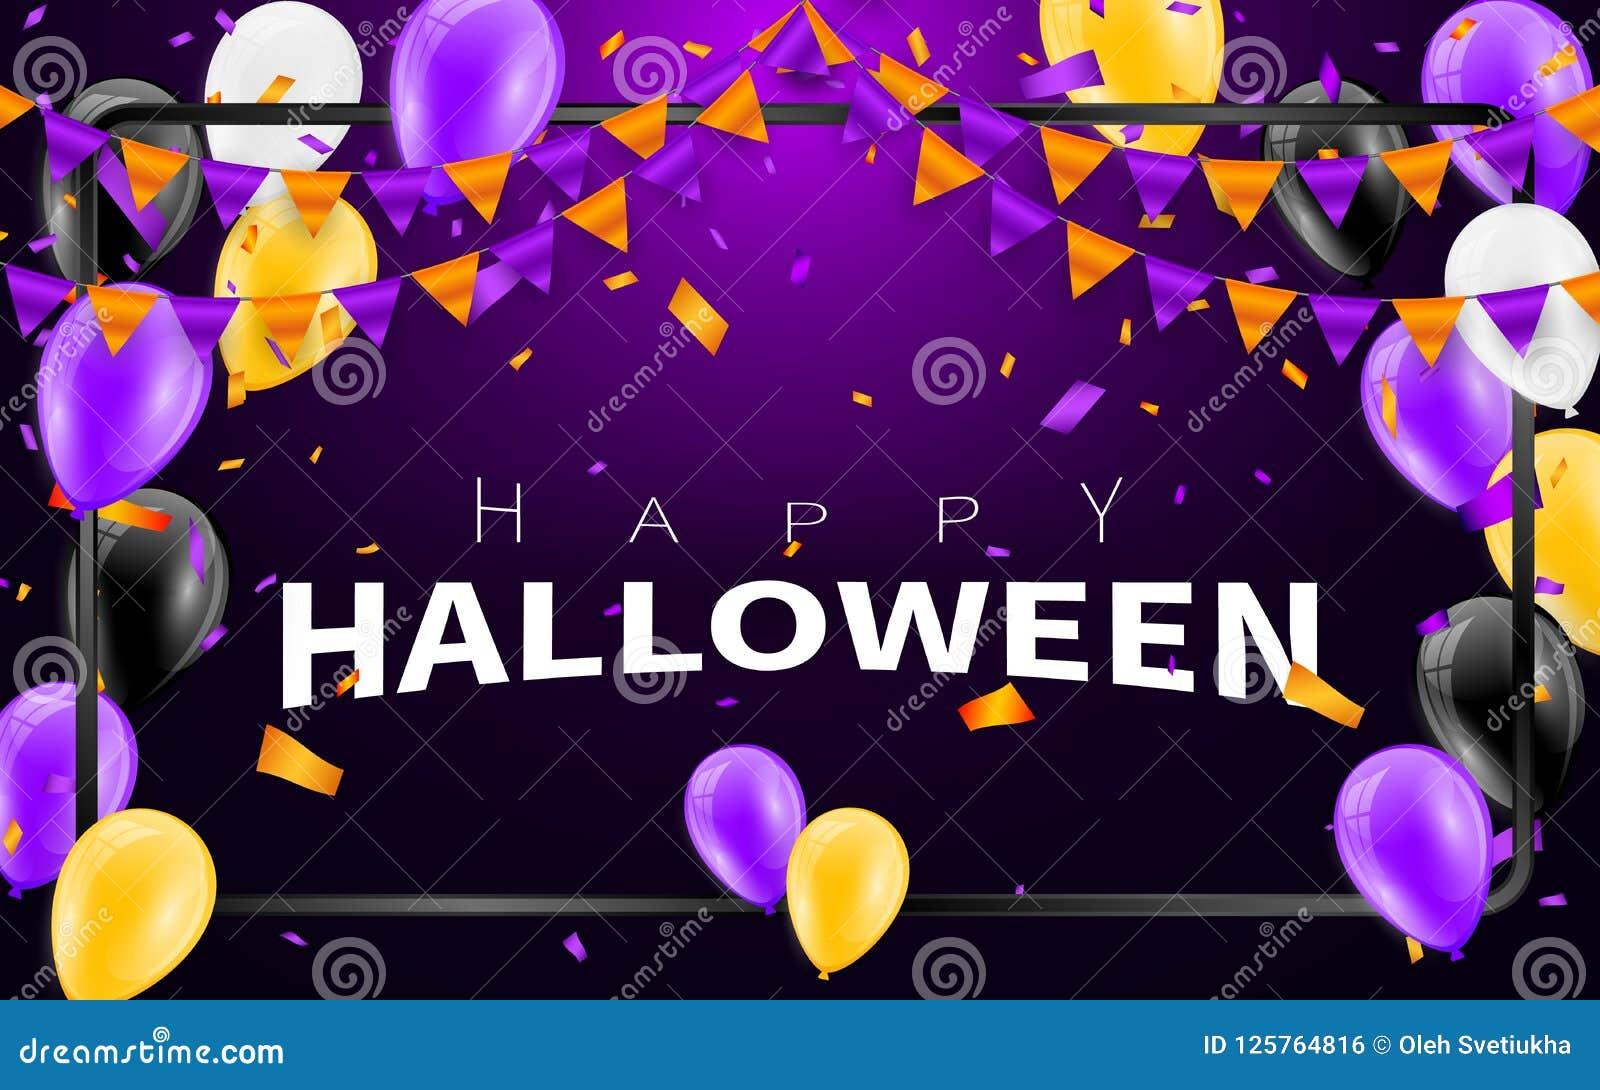 Fondo Del Carnaval Del Feliz Halloween La Púrpura Anaranjada Señala ...